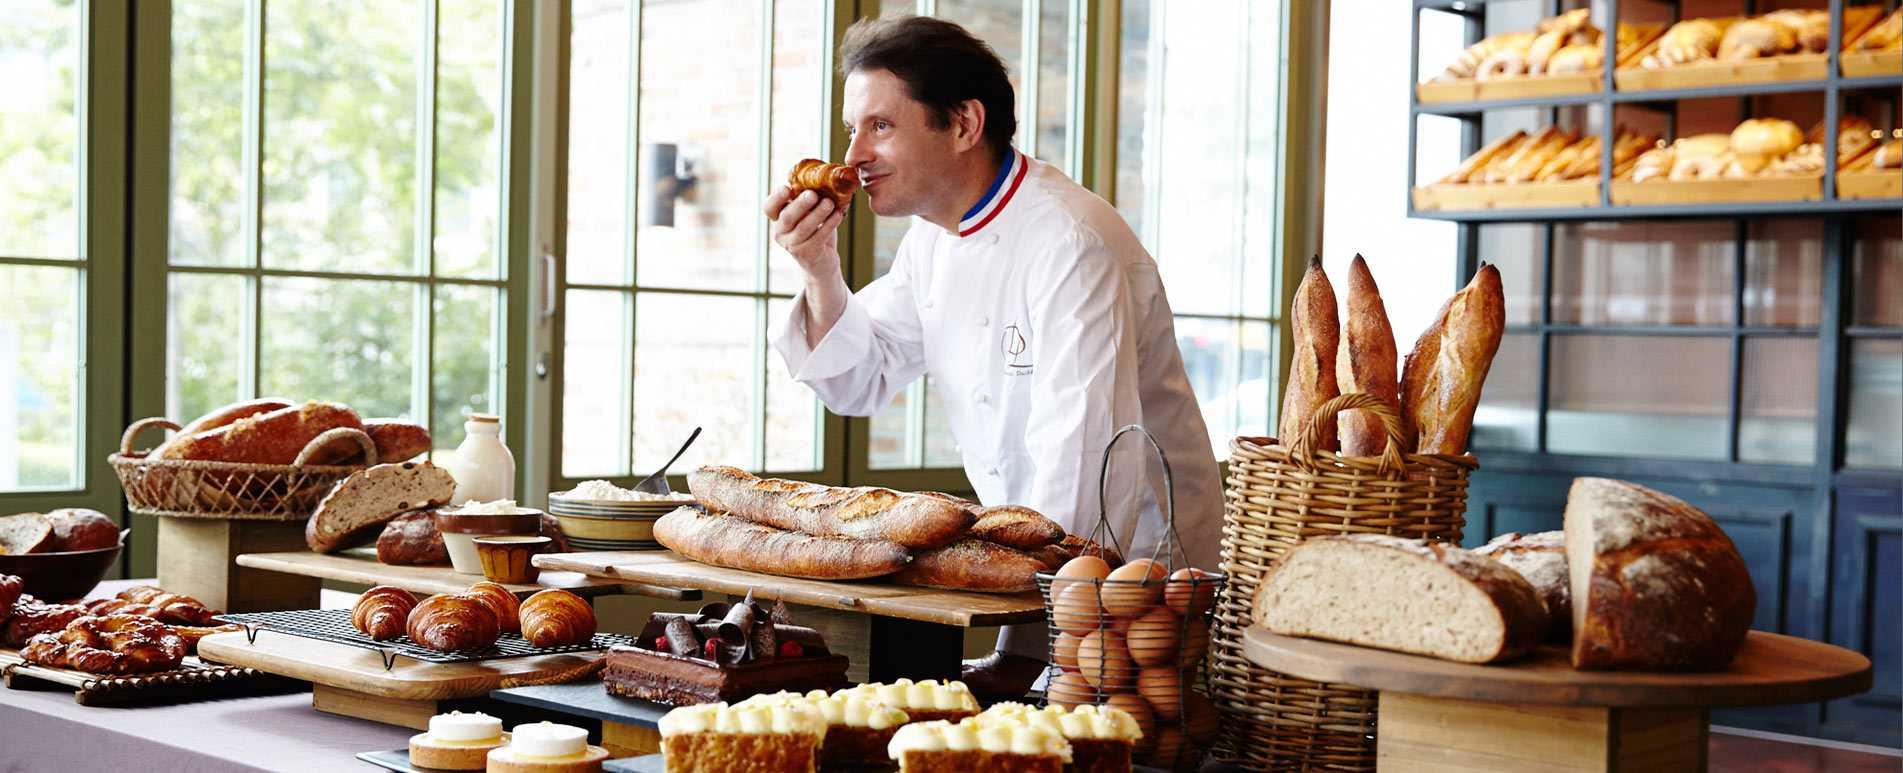 Laurent Duchene, past winner of the best butter croissant title in Paris